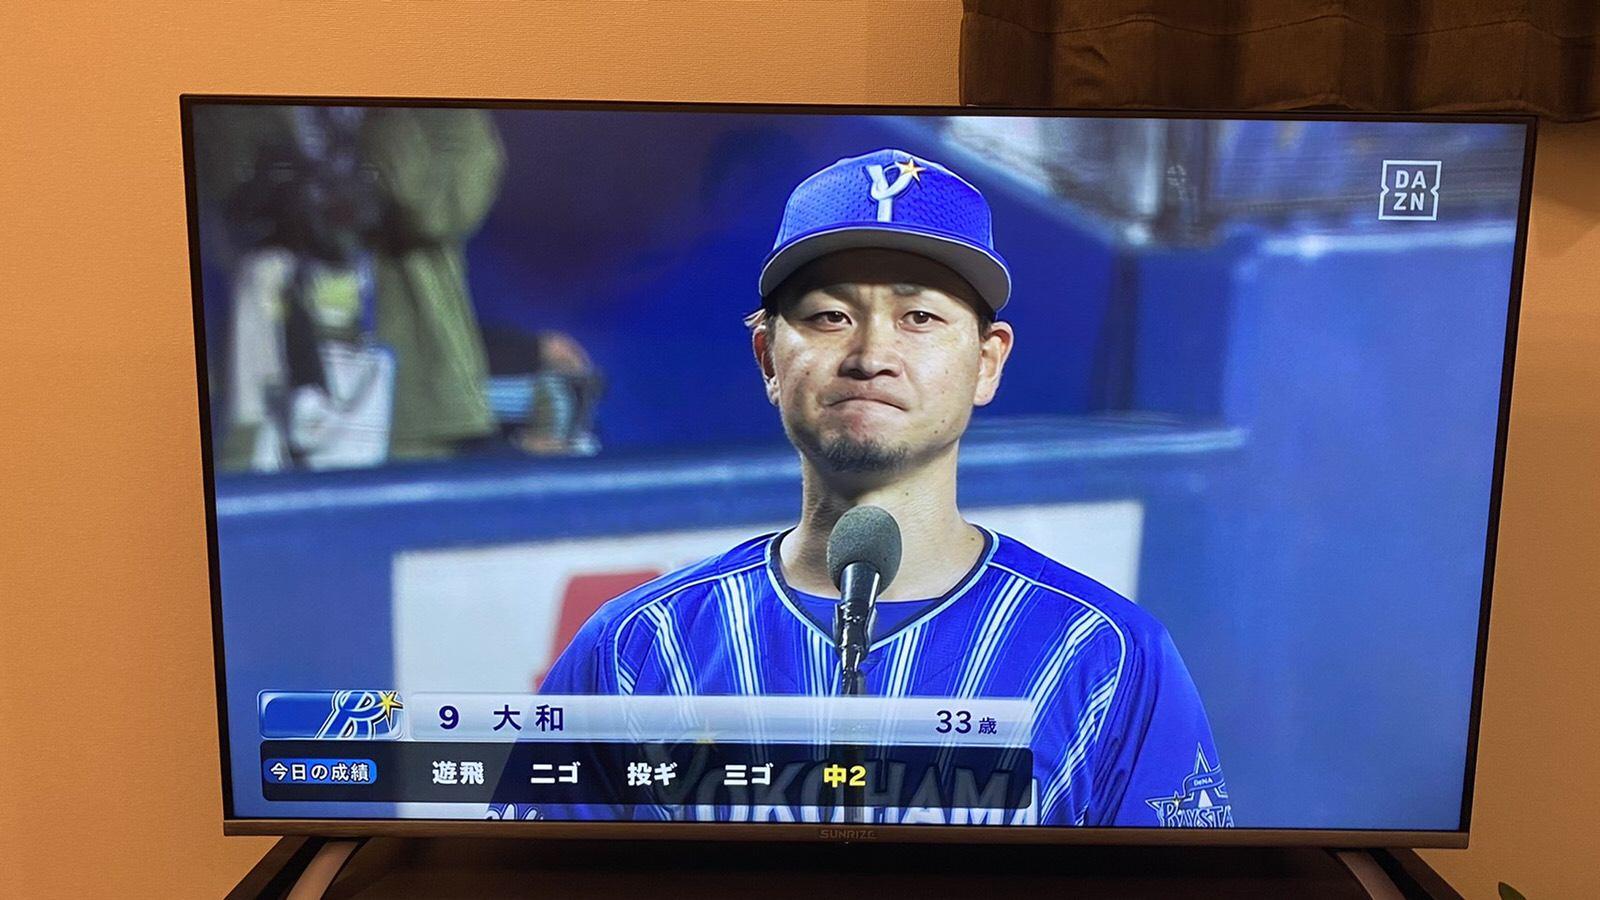 TVで毎試合楽しめるプロ野球DAZN・ヒーローインタビューまで放送ばっちり!